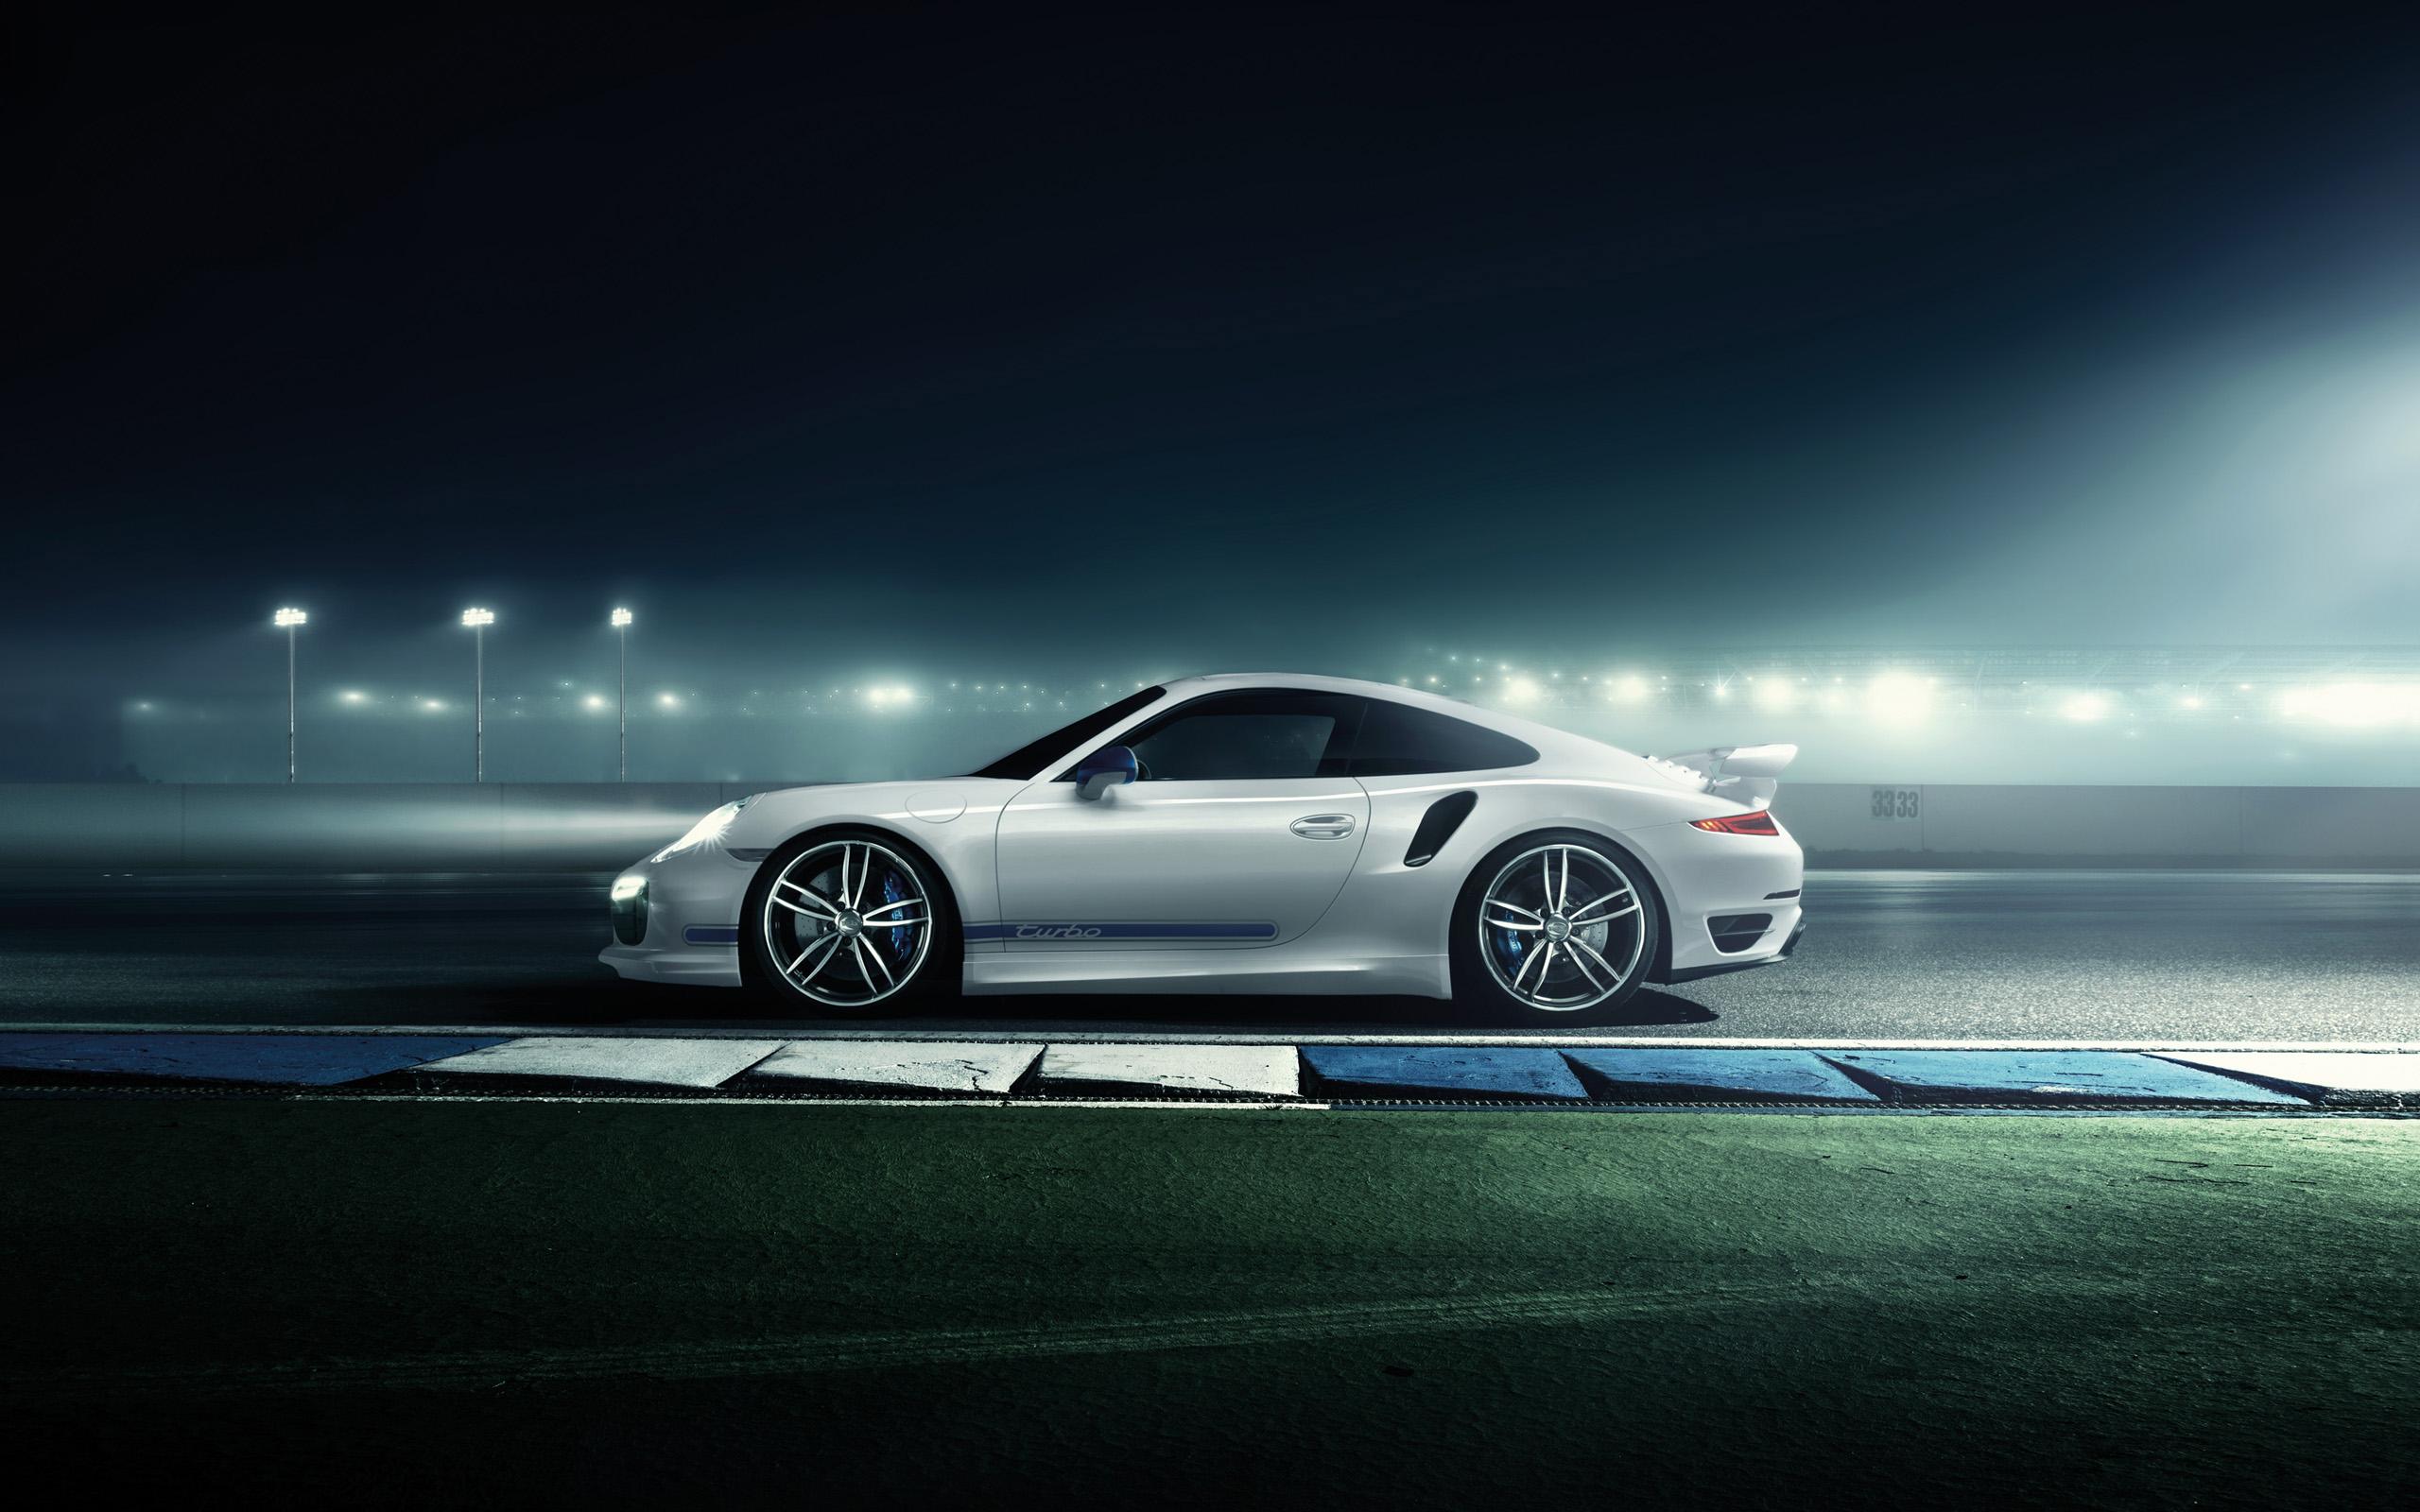 TechArt Porsche Turbo  Wallpaper HD Car Wallpapers